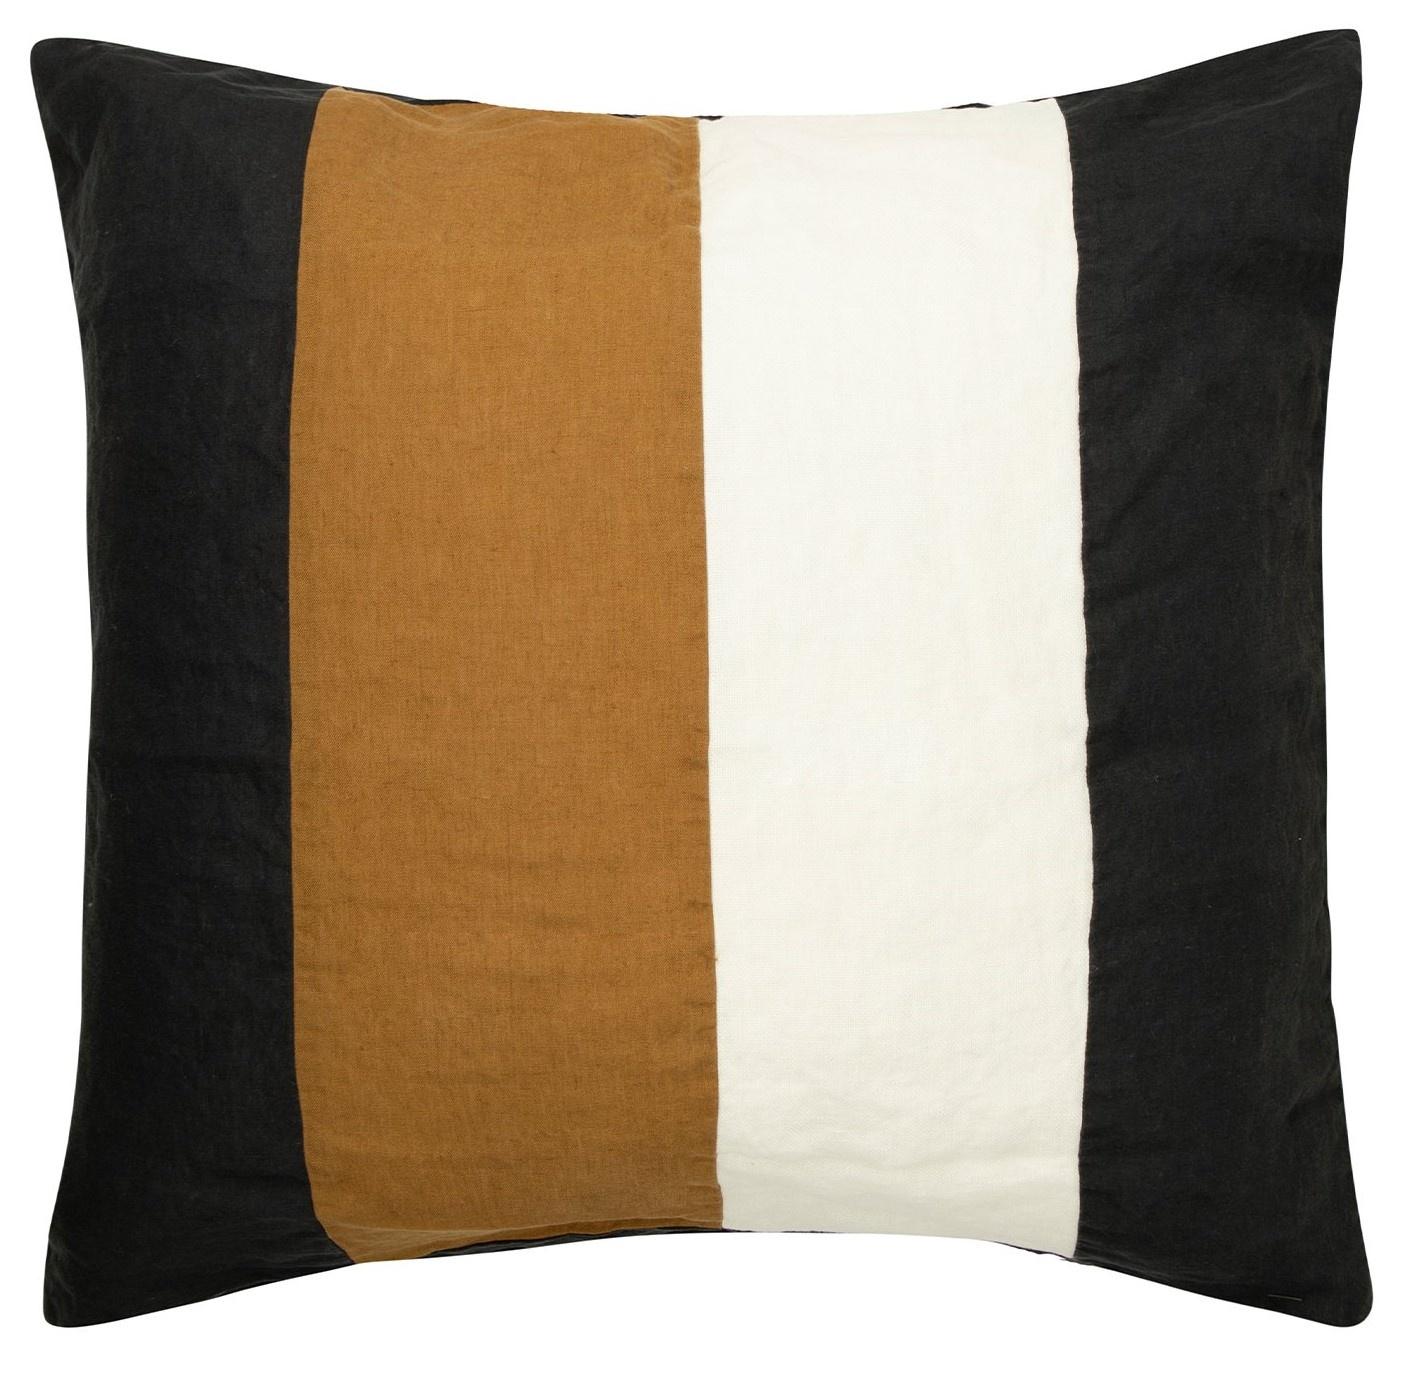 Kussenhoes Linen pillow square zwart-1